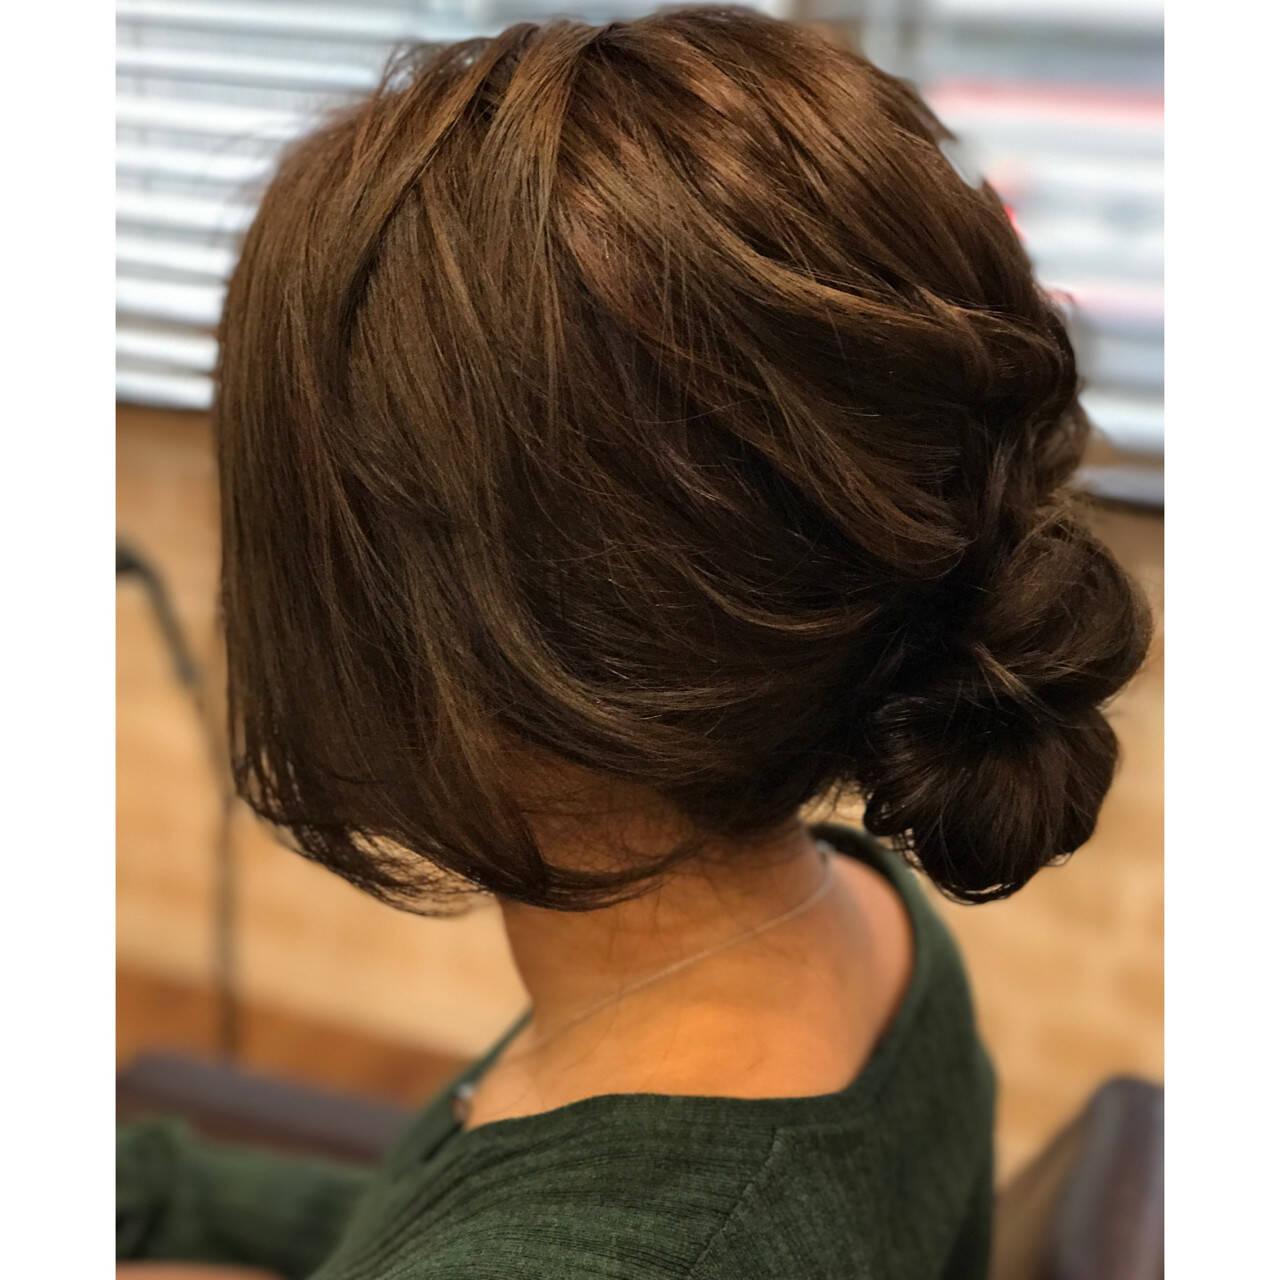 シニヨン セミロング アッシュ パーマヘアスタイルや髪型の写真・画像